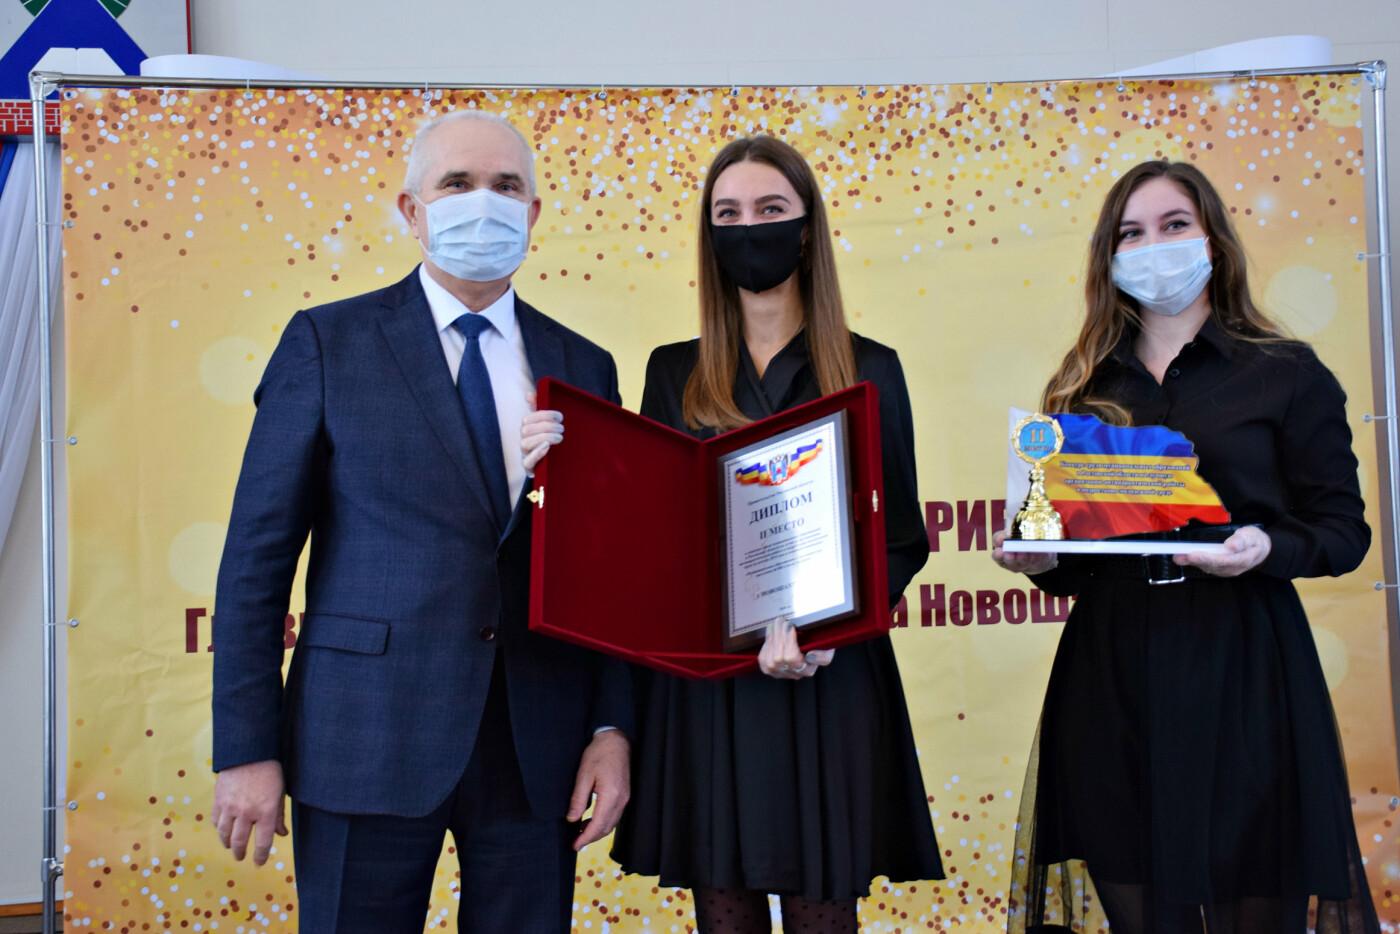 Глава администрации вручил награды отличившимся жителям Новошахтинска, фото-2